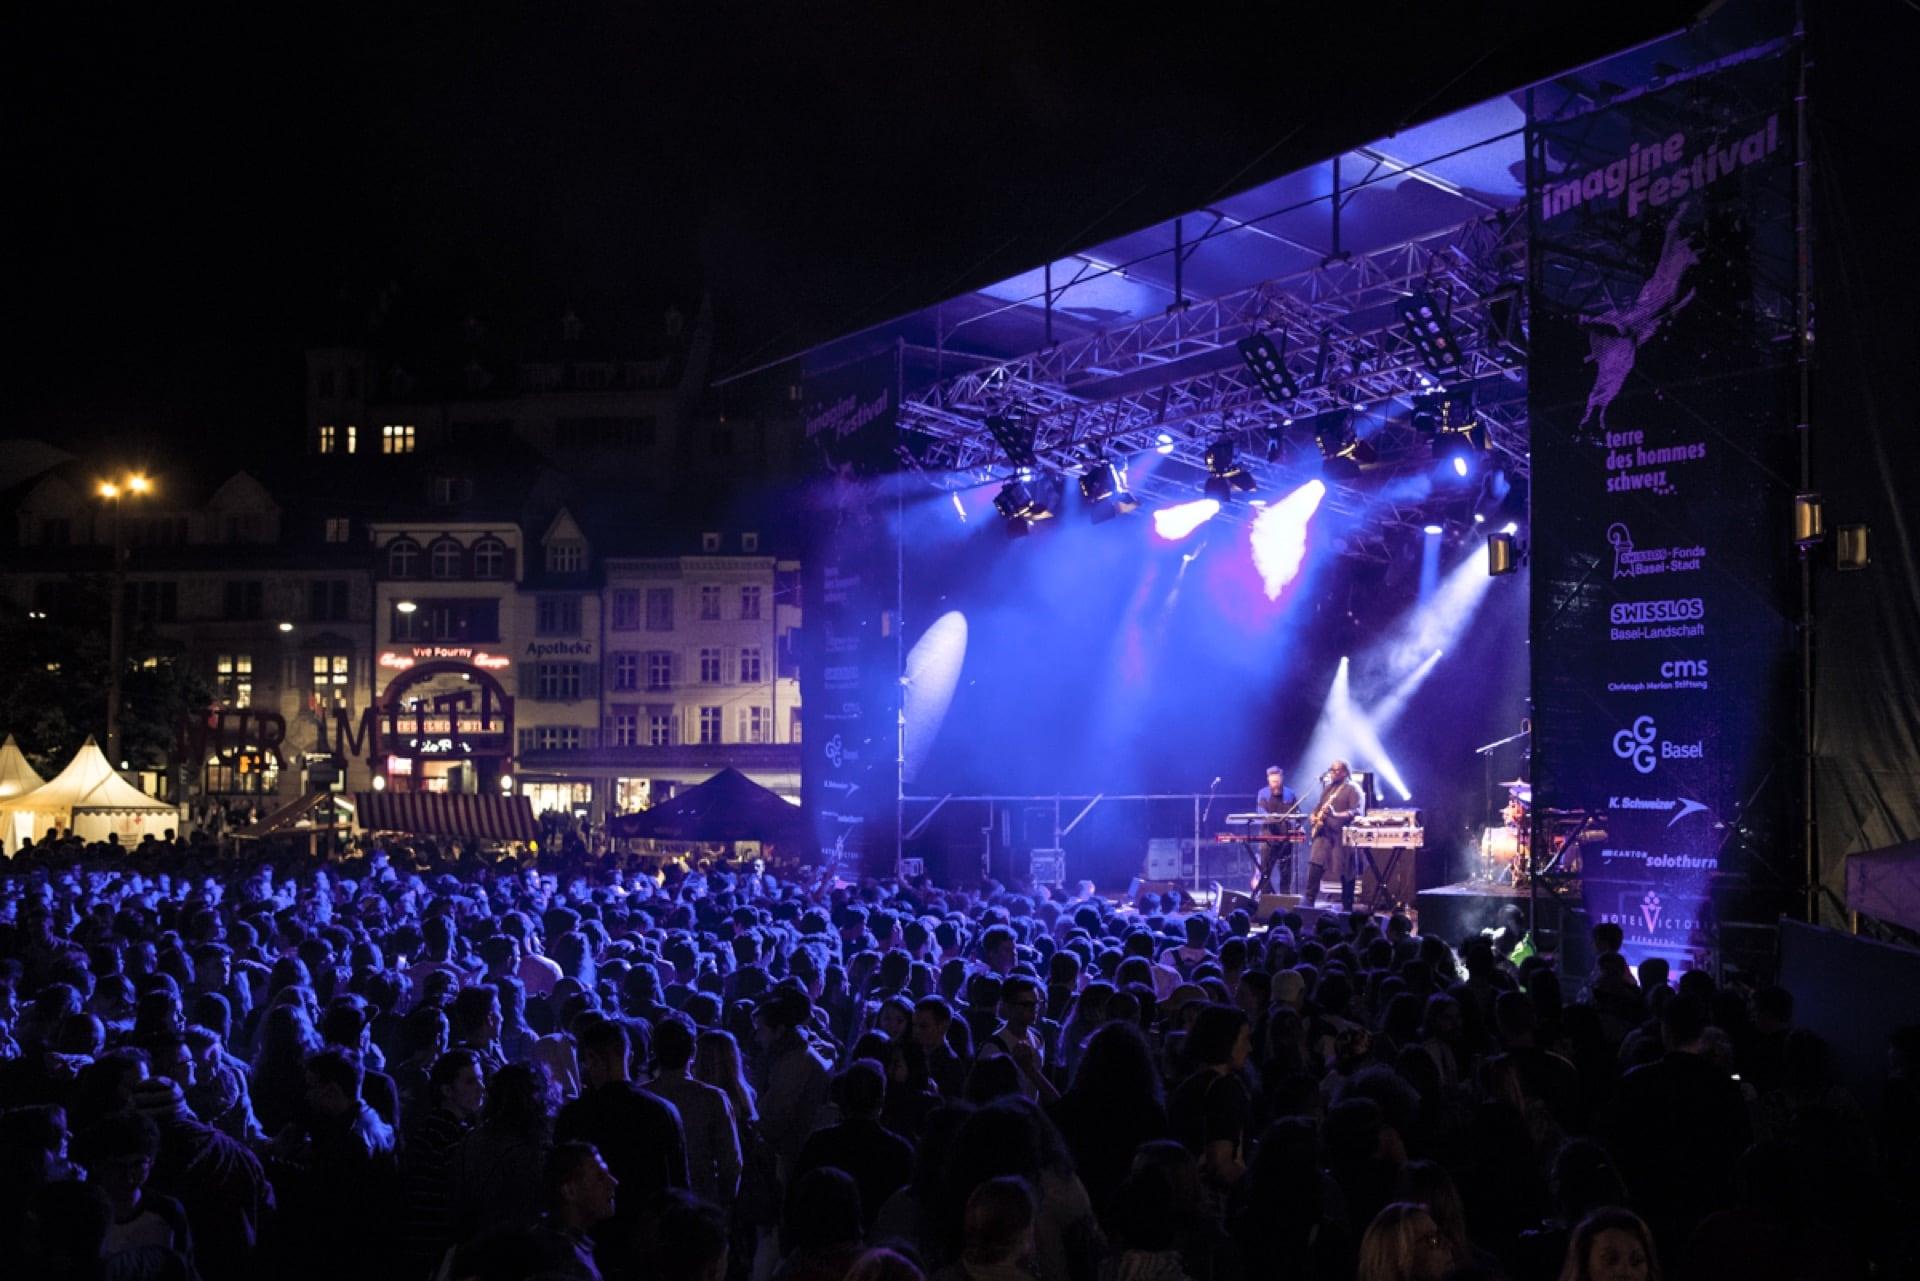 Konzert auf dem Barfüsserplatz und die Bühne ist in blau-violettes Licht getaucht.